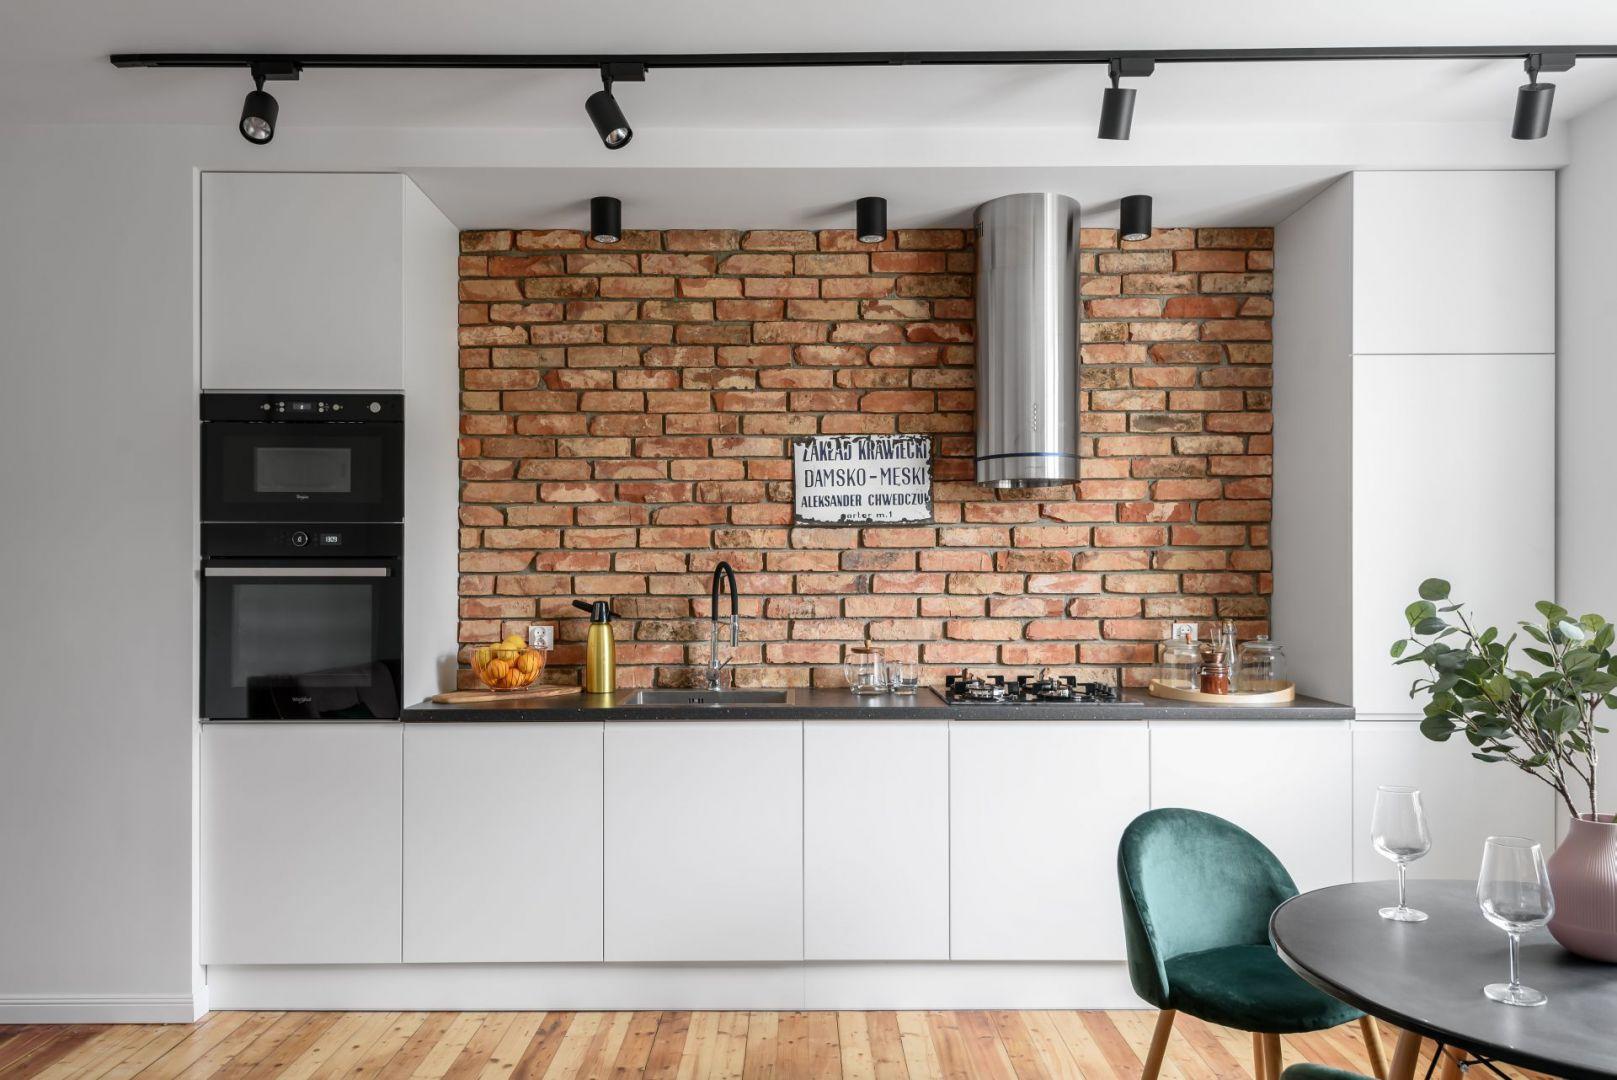 65-metrowe mieszkanie w zabytkowej kamienicy - aneks kuchenny w salonie. Projekt: Magdalena i Robert Scheitza, pracownia SHLTR Architekci